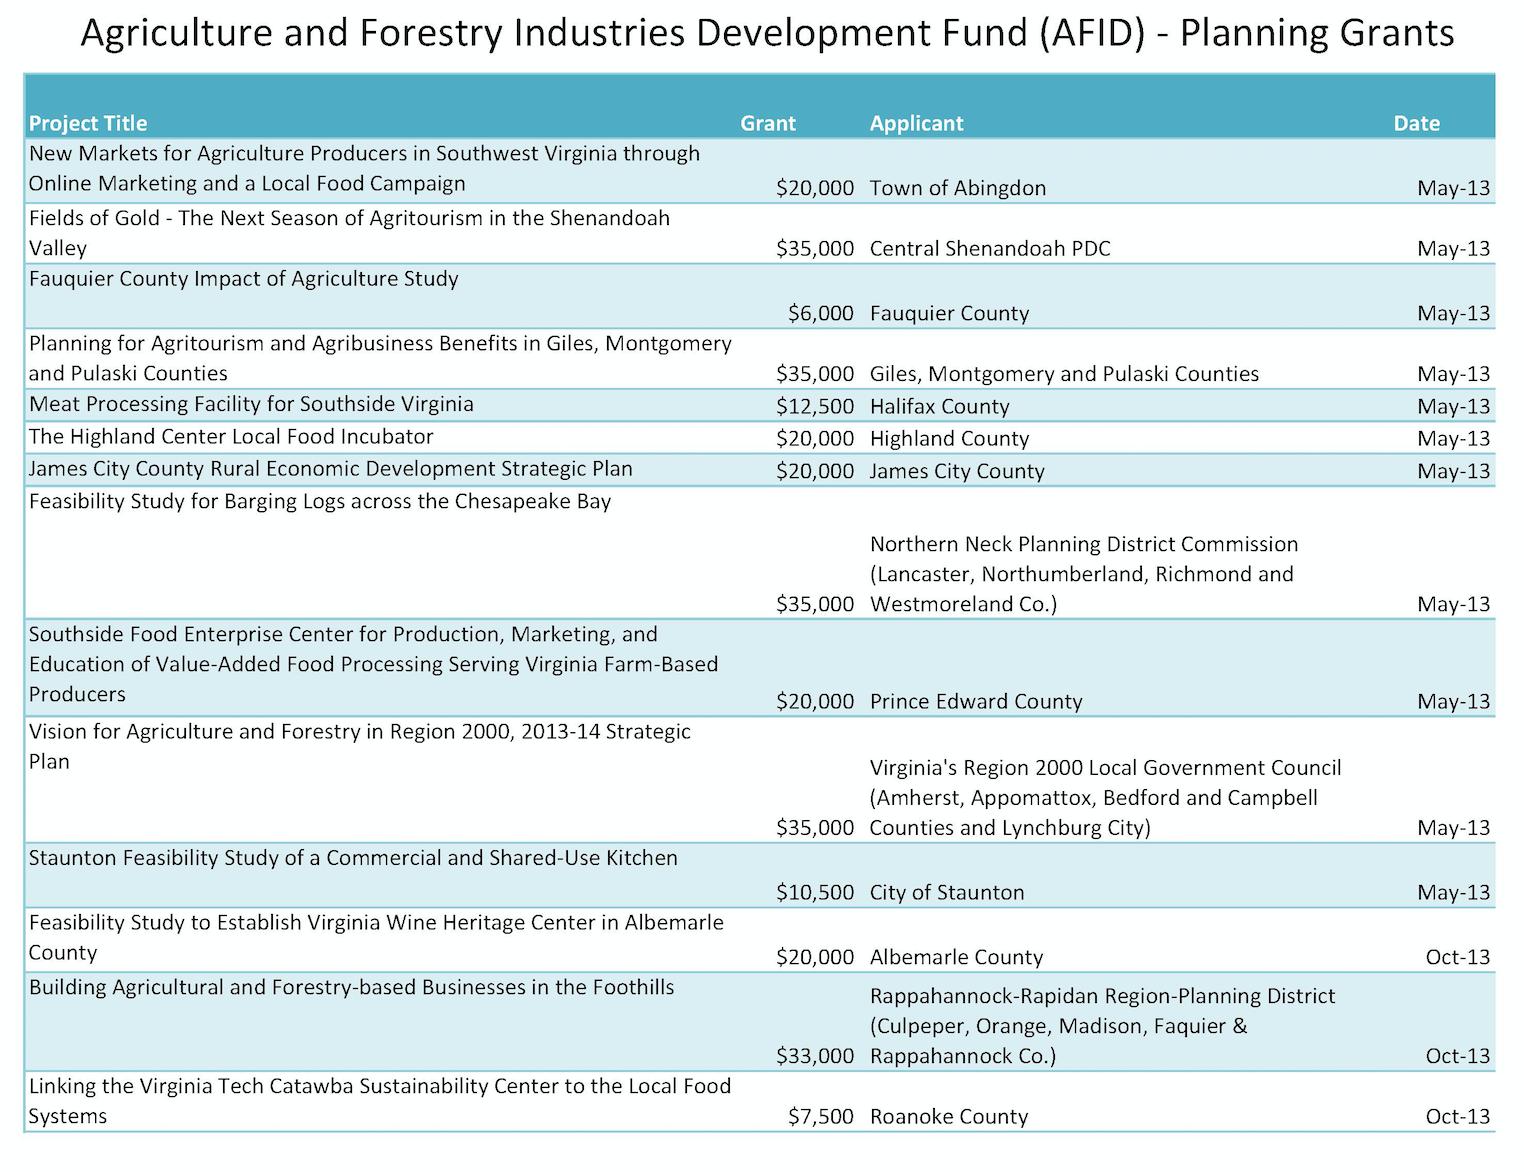 AFID_Planning_Grants_1.png